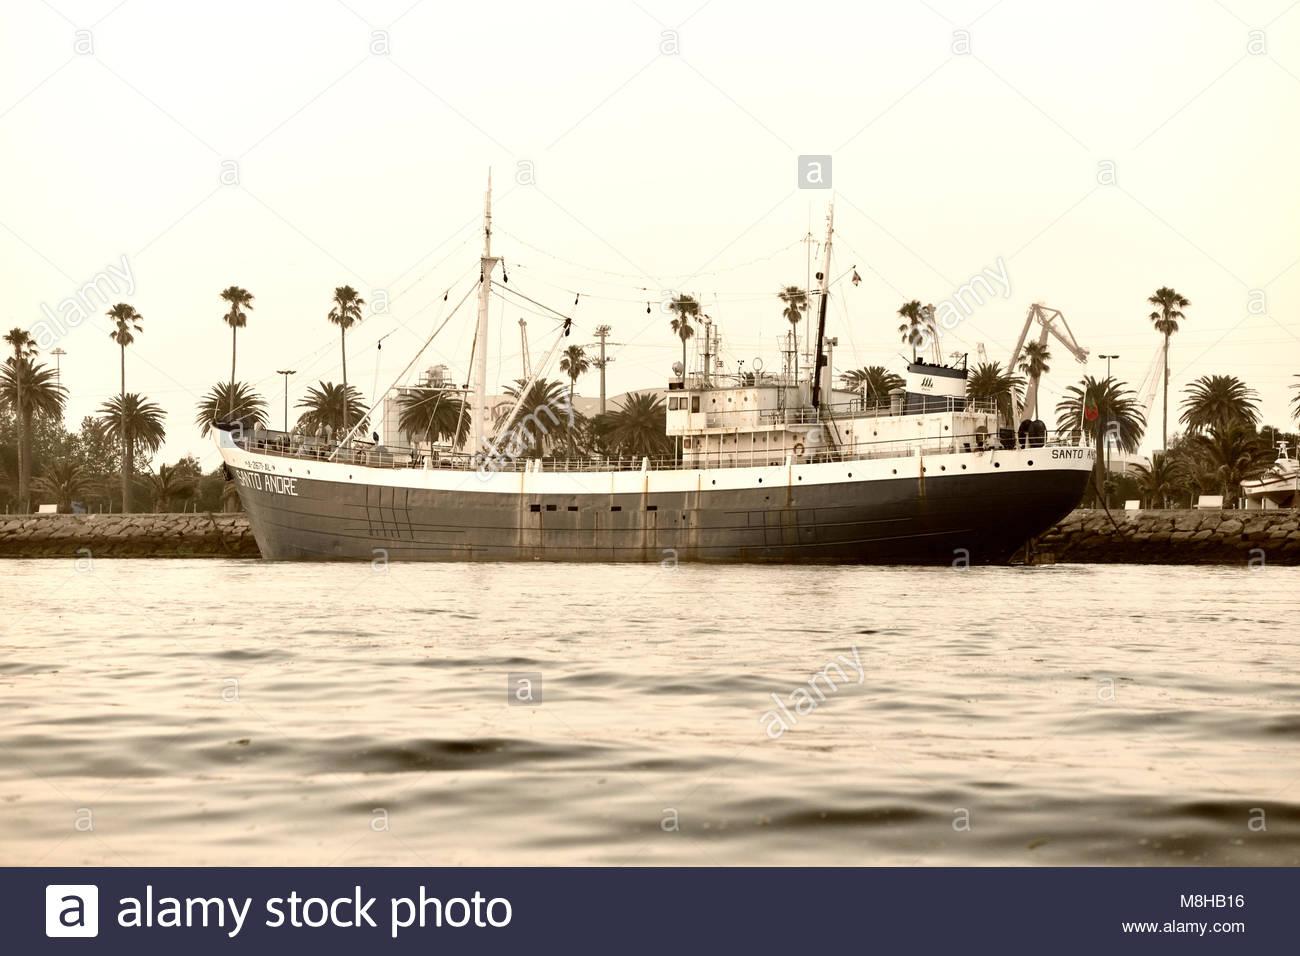 bateau peche a la morue